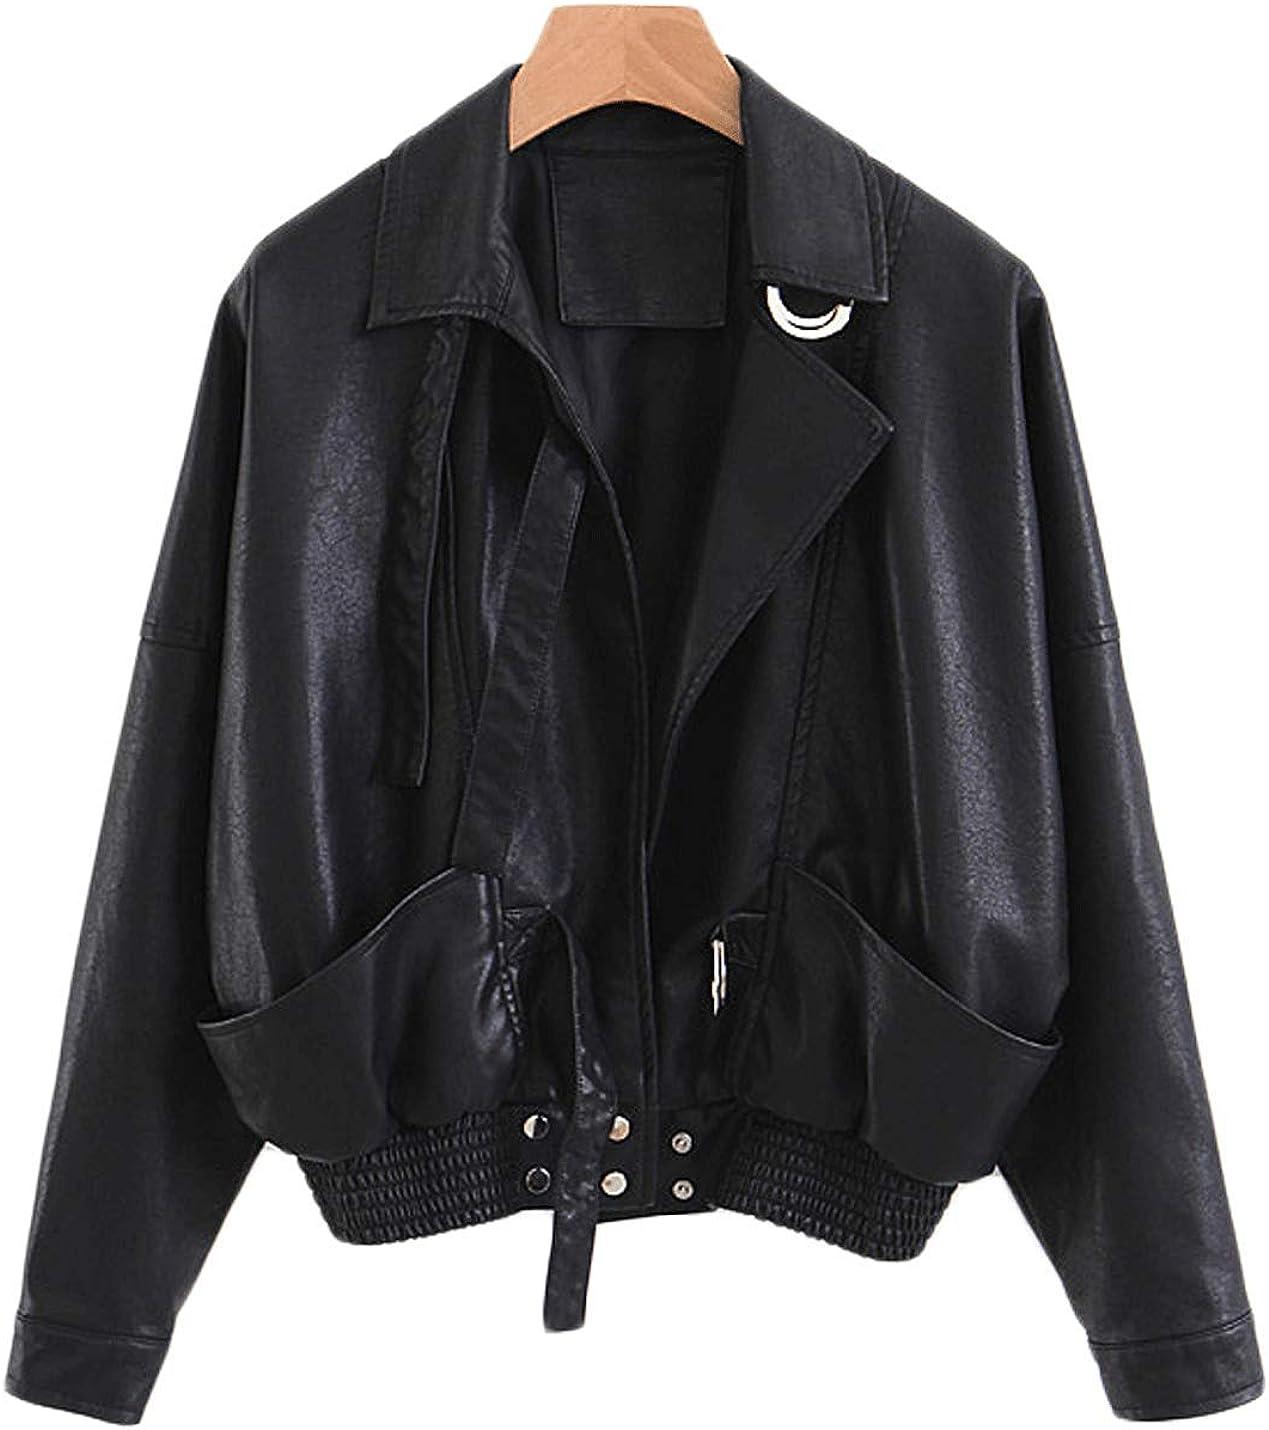 Jenkoon Women's Short Loose Fit Faux Leather Jacket Moto Biker Coat Outwear